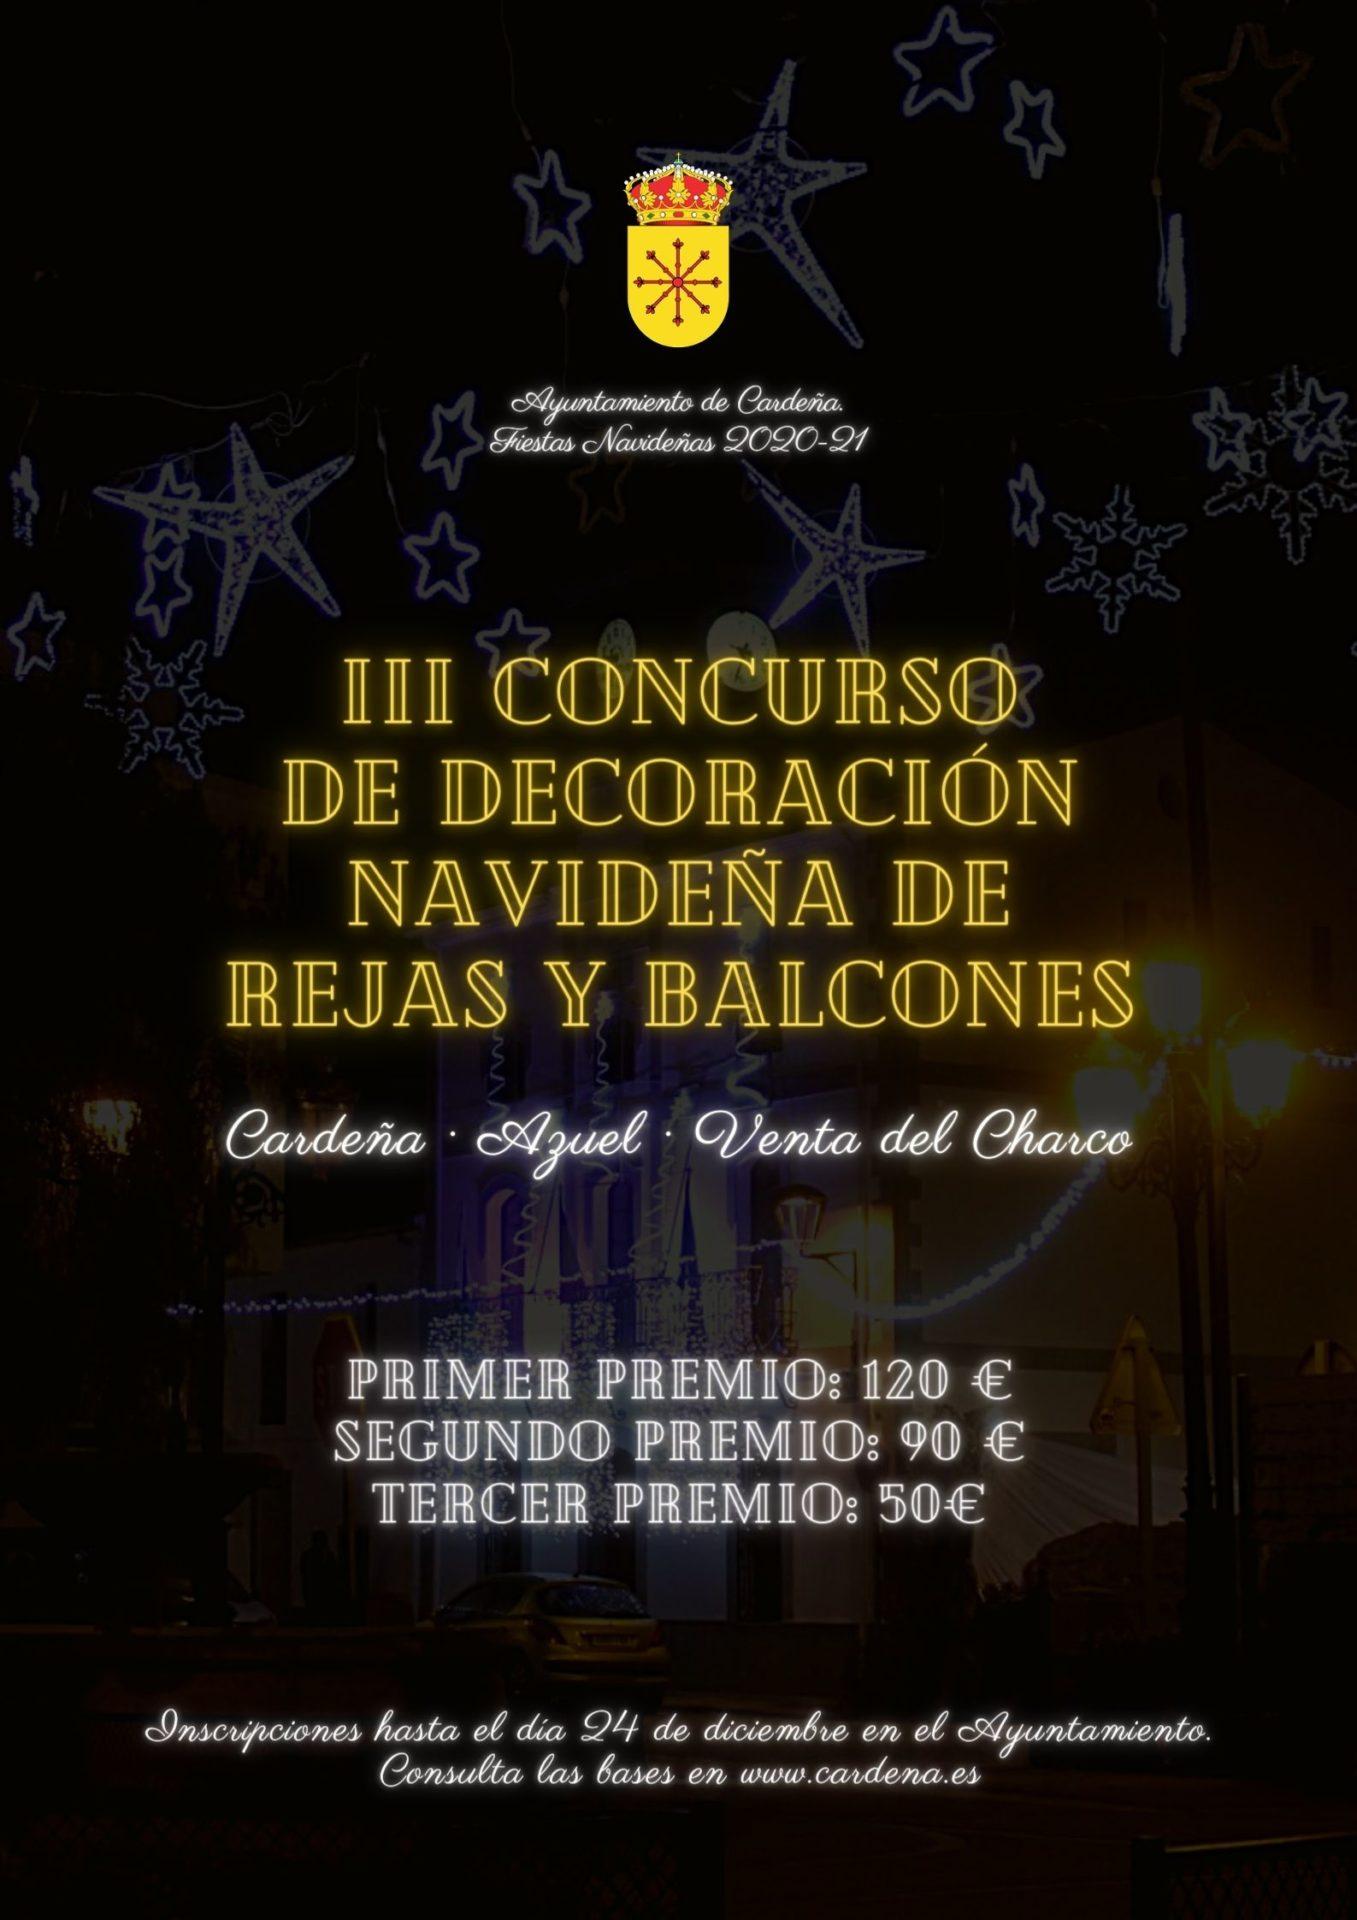 III CONCURSO DE DECORACIÓN NAVIDEÑA DE REJAS Y BALCONES